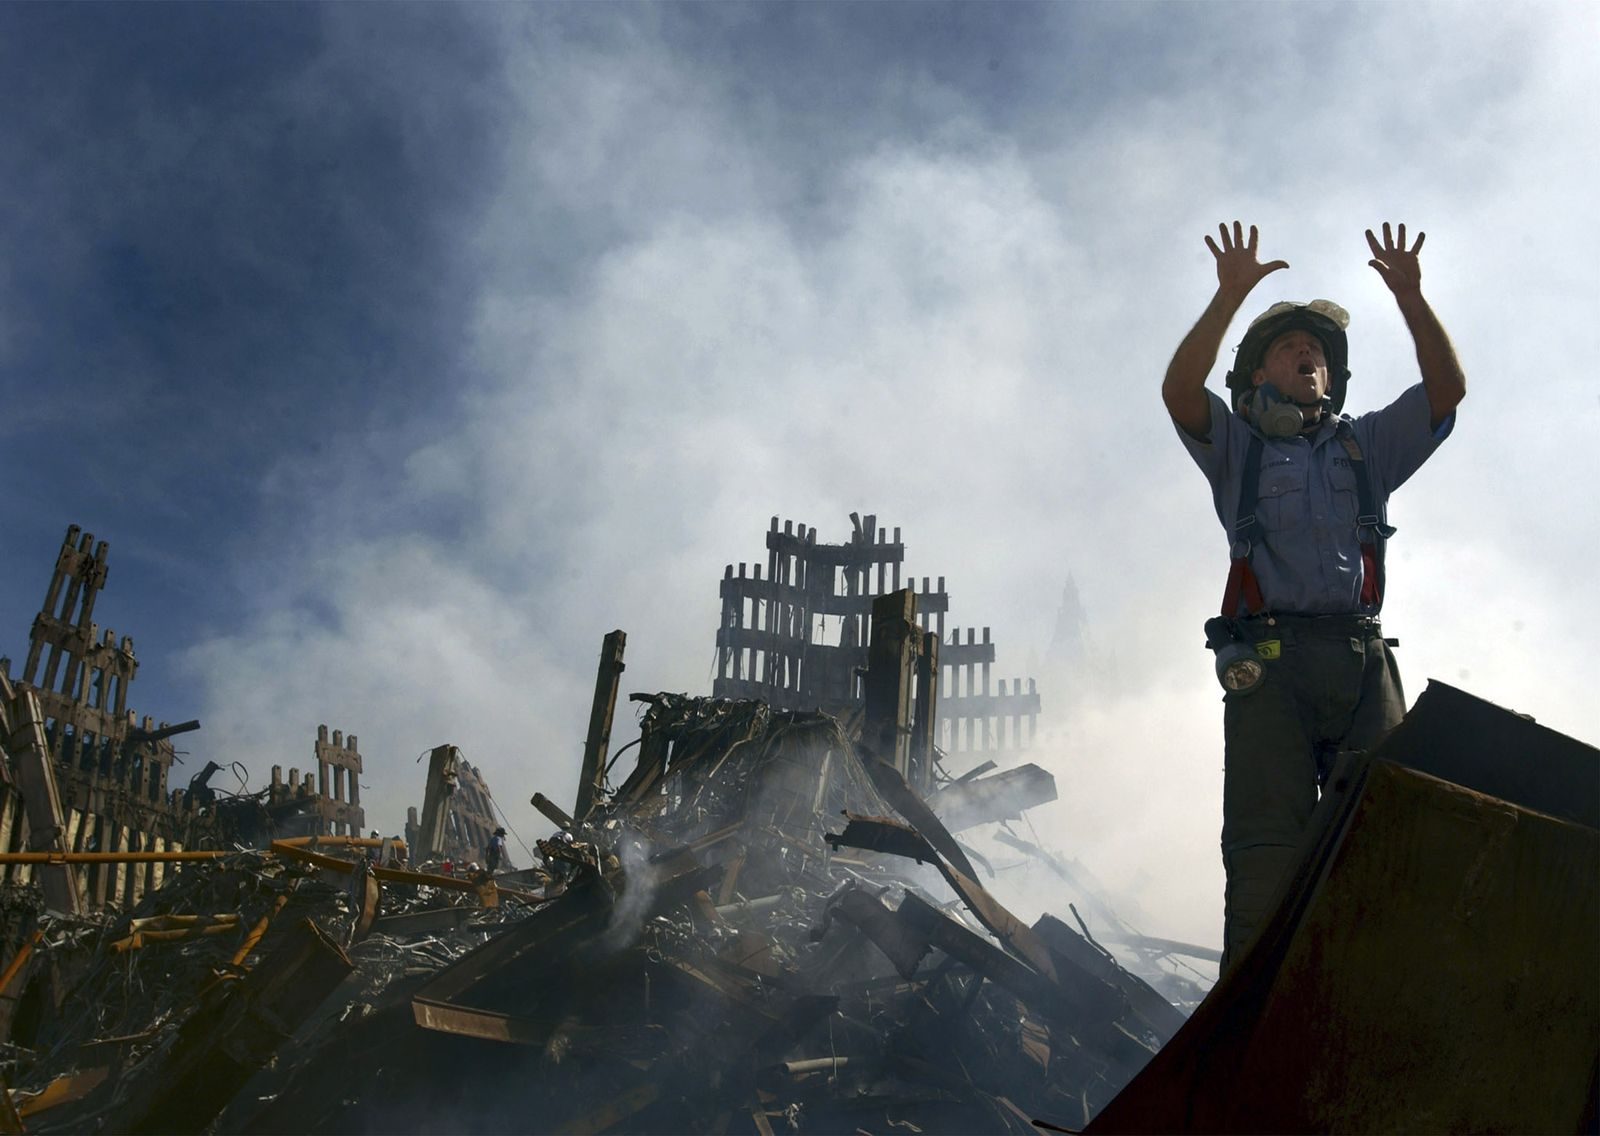 WTC / 9/11 / 11. September 2001